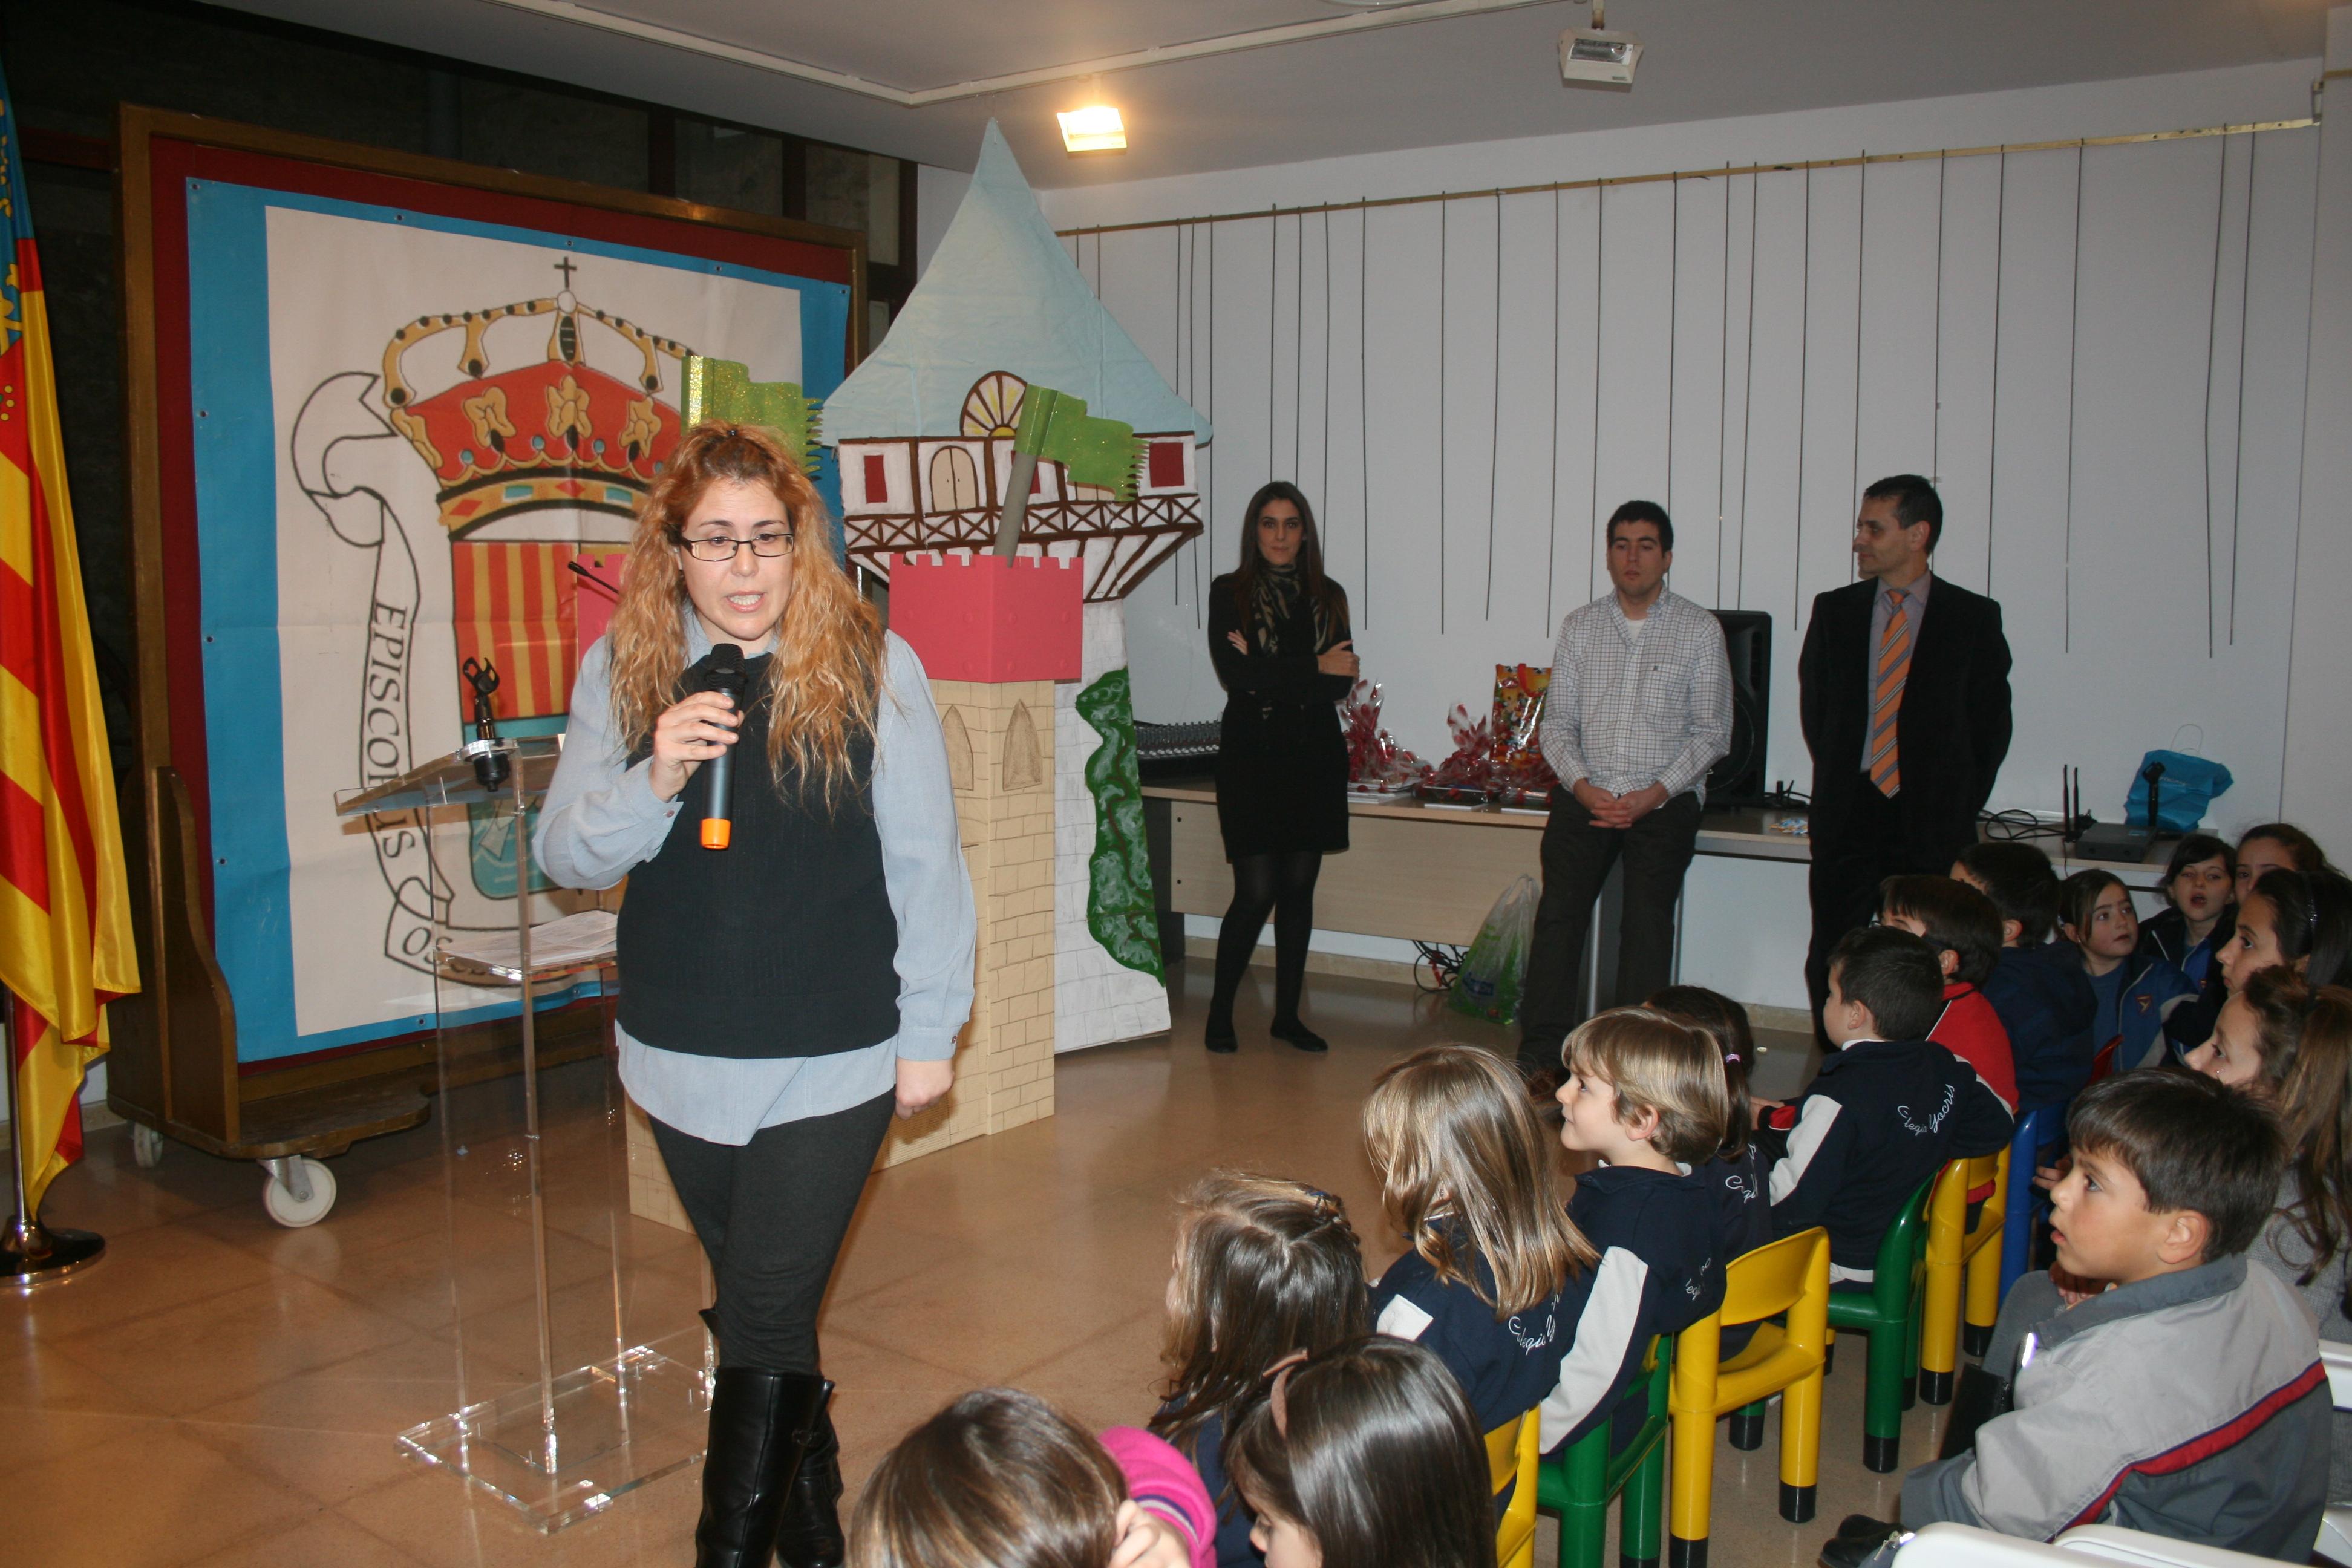 El acto ha finalizado con una pequeña representación en marionetas del cuento de Rapunzel. FOTO: EPDA